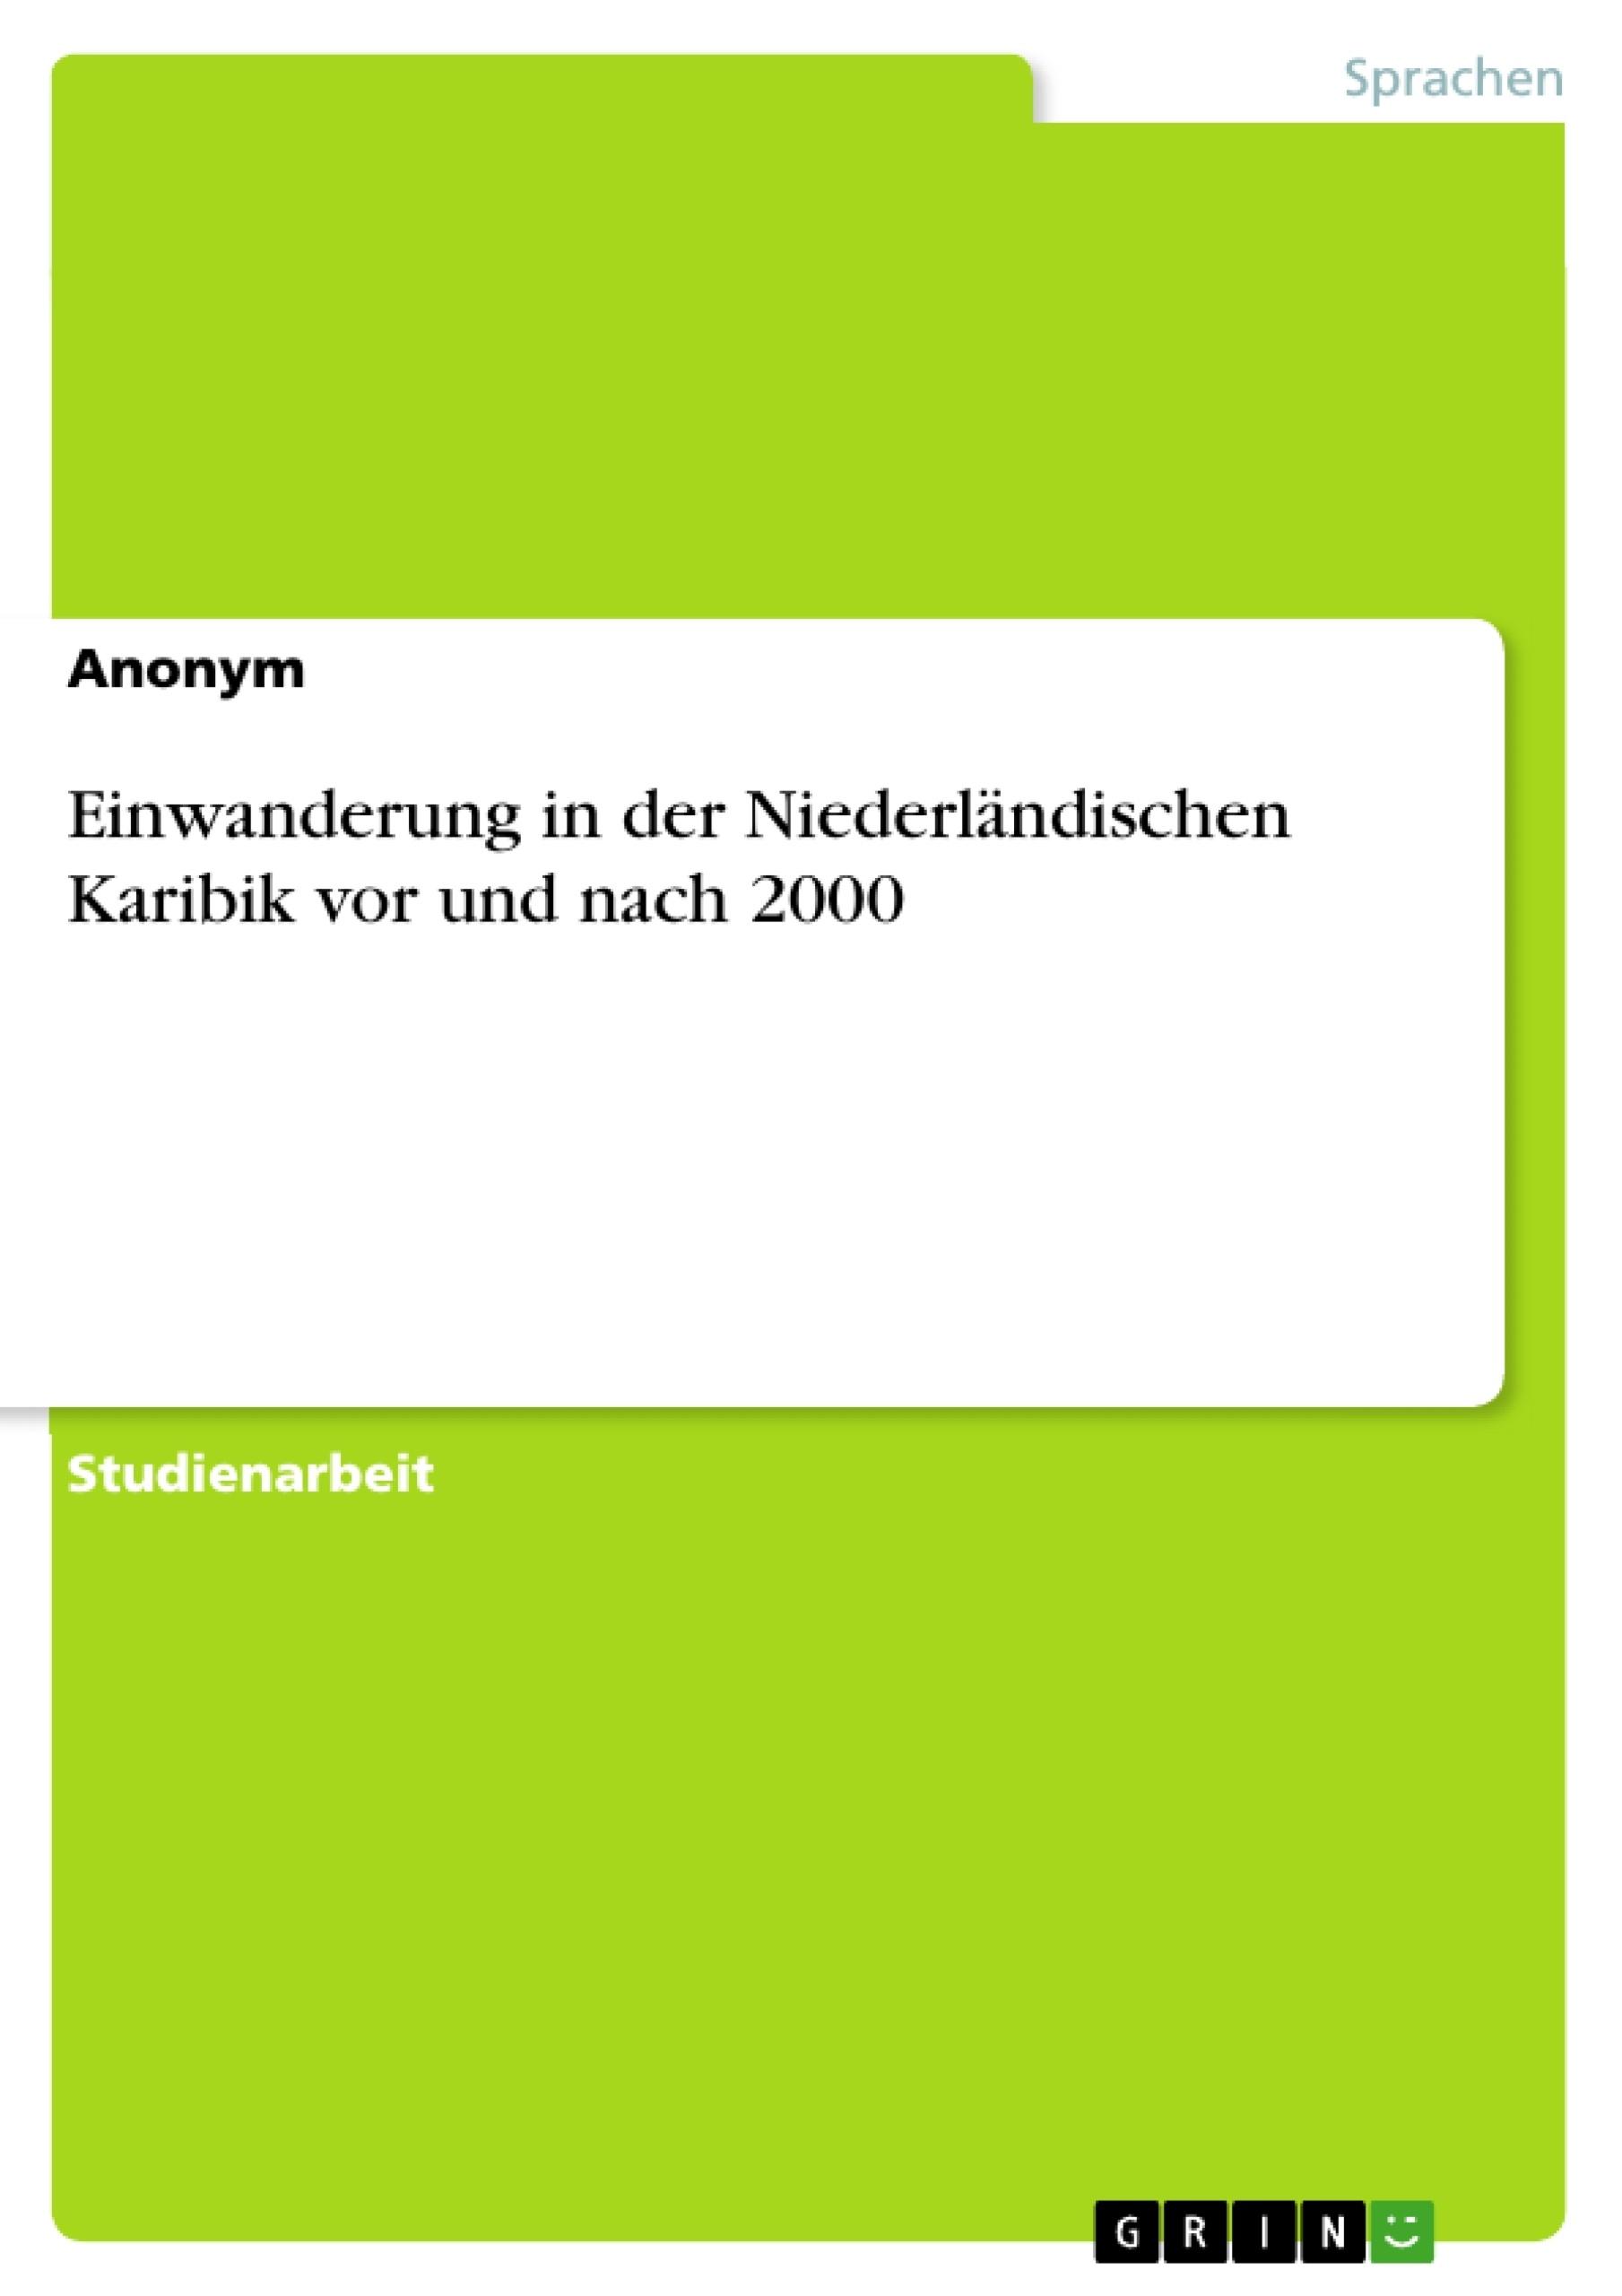 Titel: Einwanderung in der Niederländischen Karibik vor und nach 2000